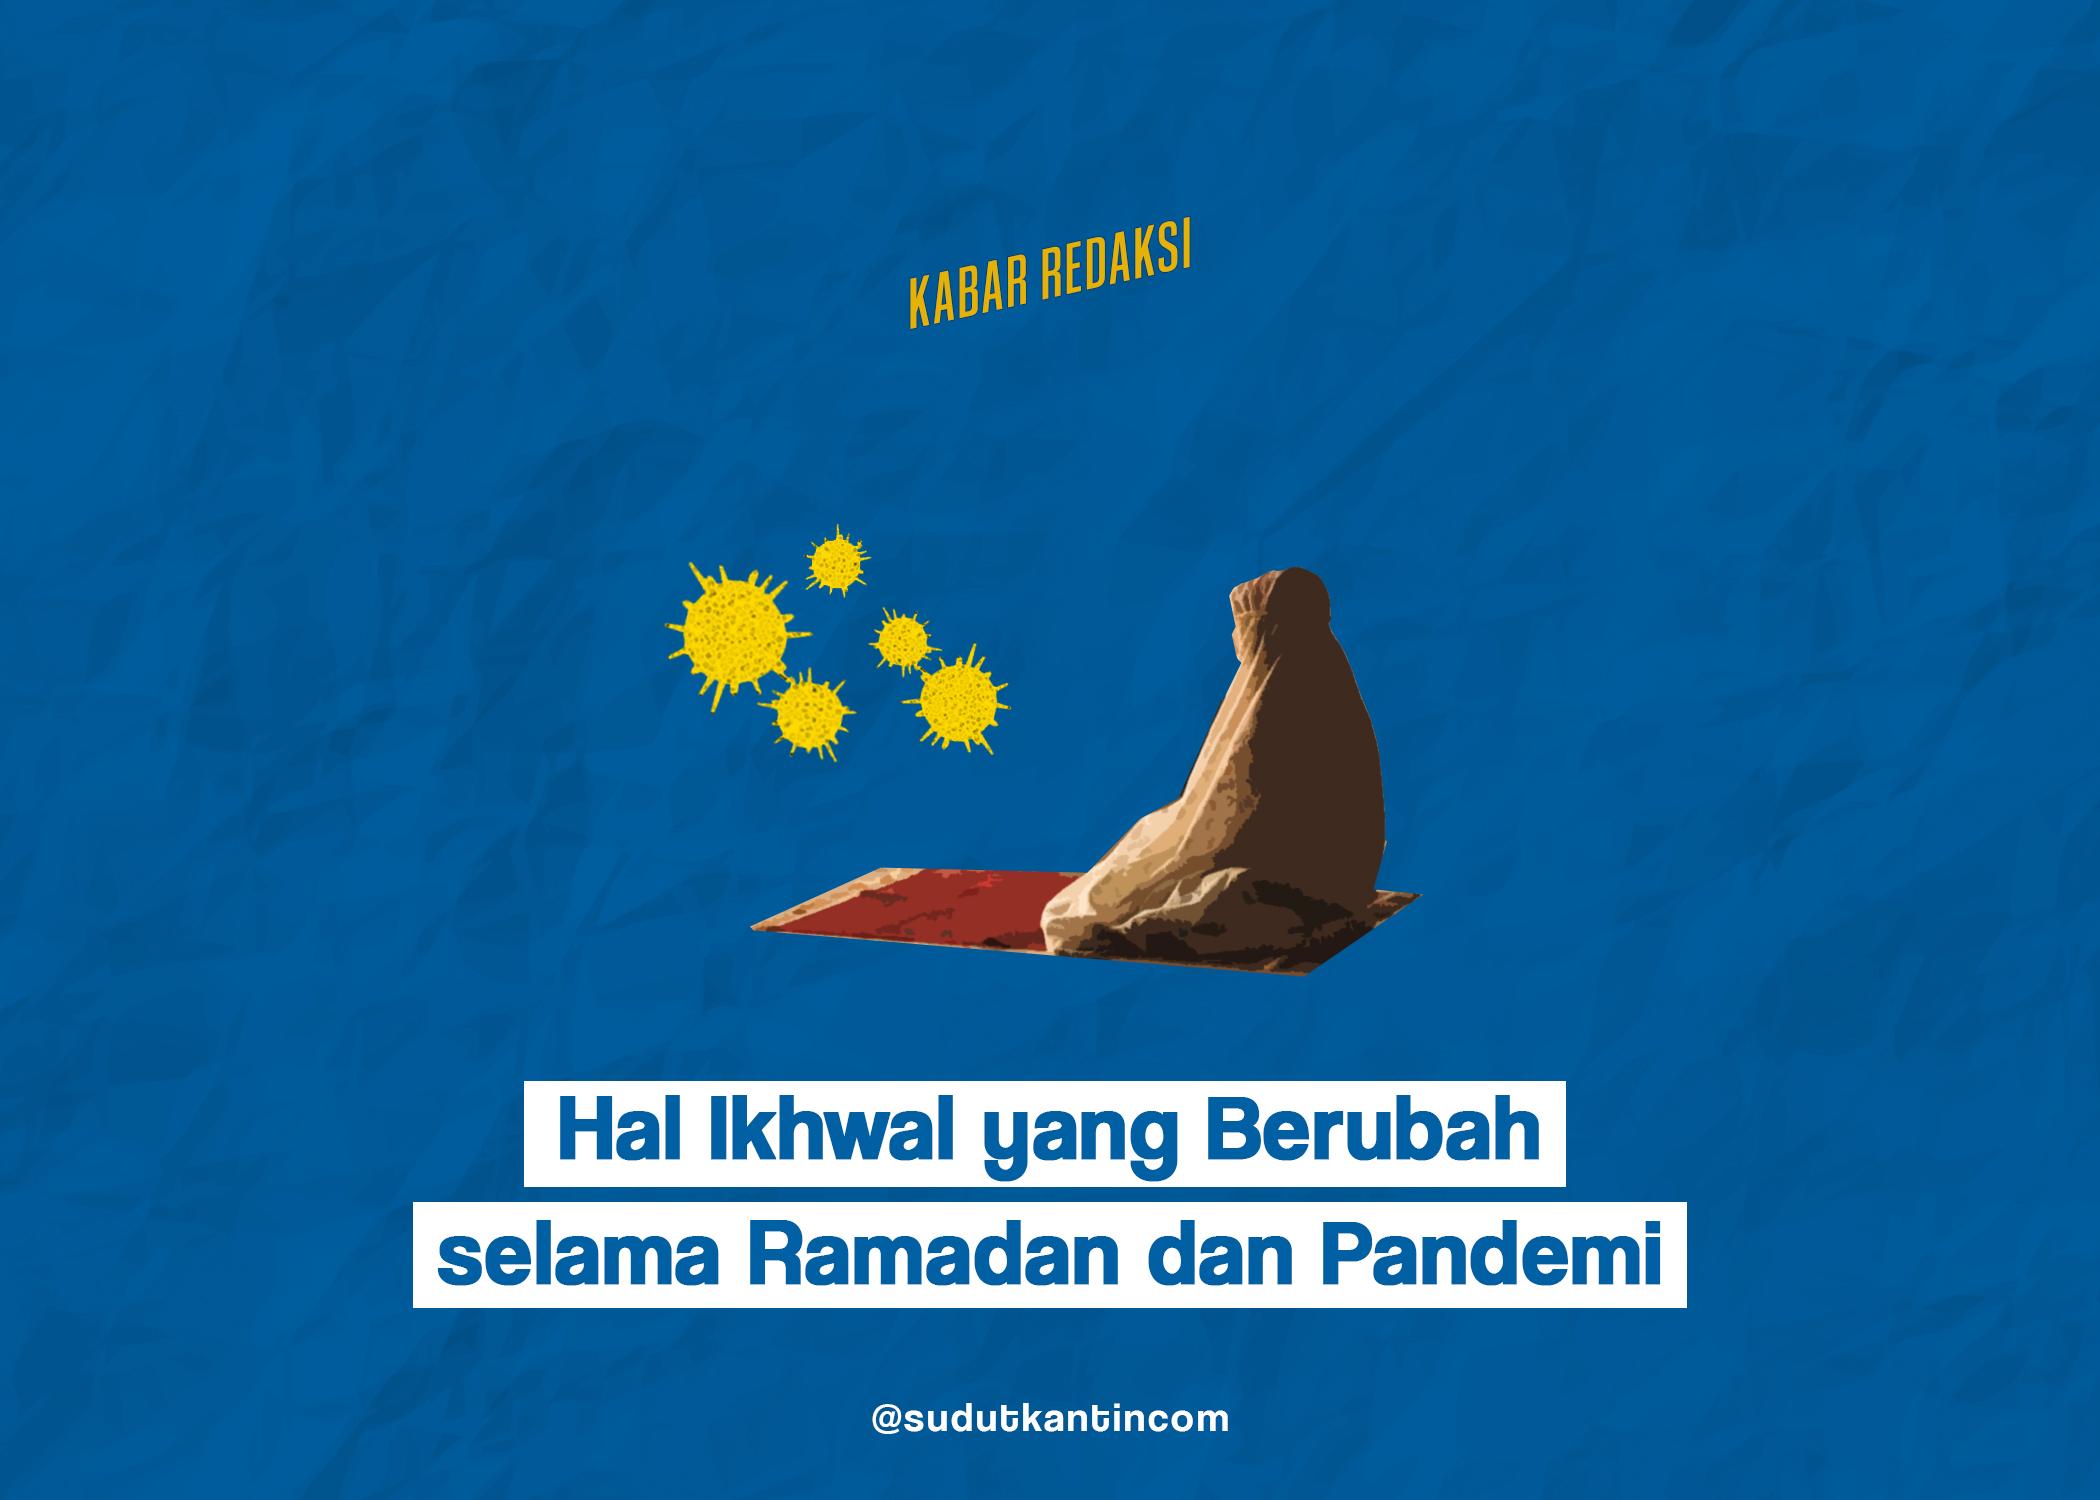 Hal Ikhwal yang Berubah selama Ramadan dan Pandemi